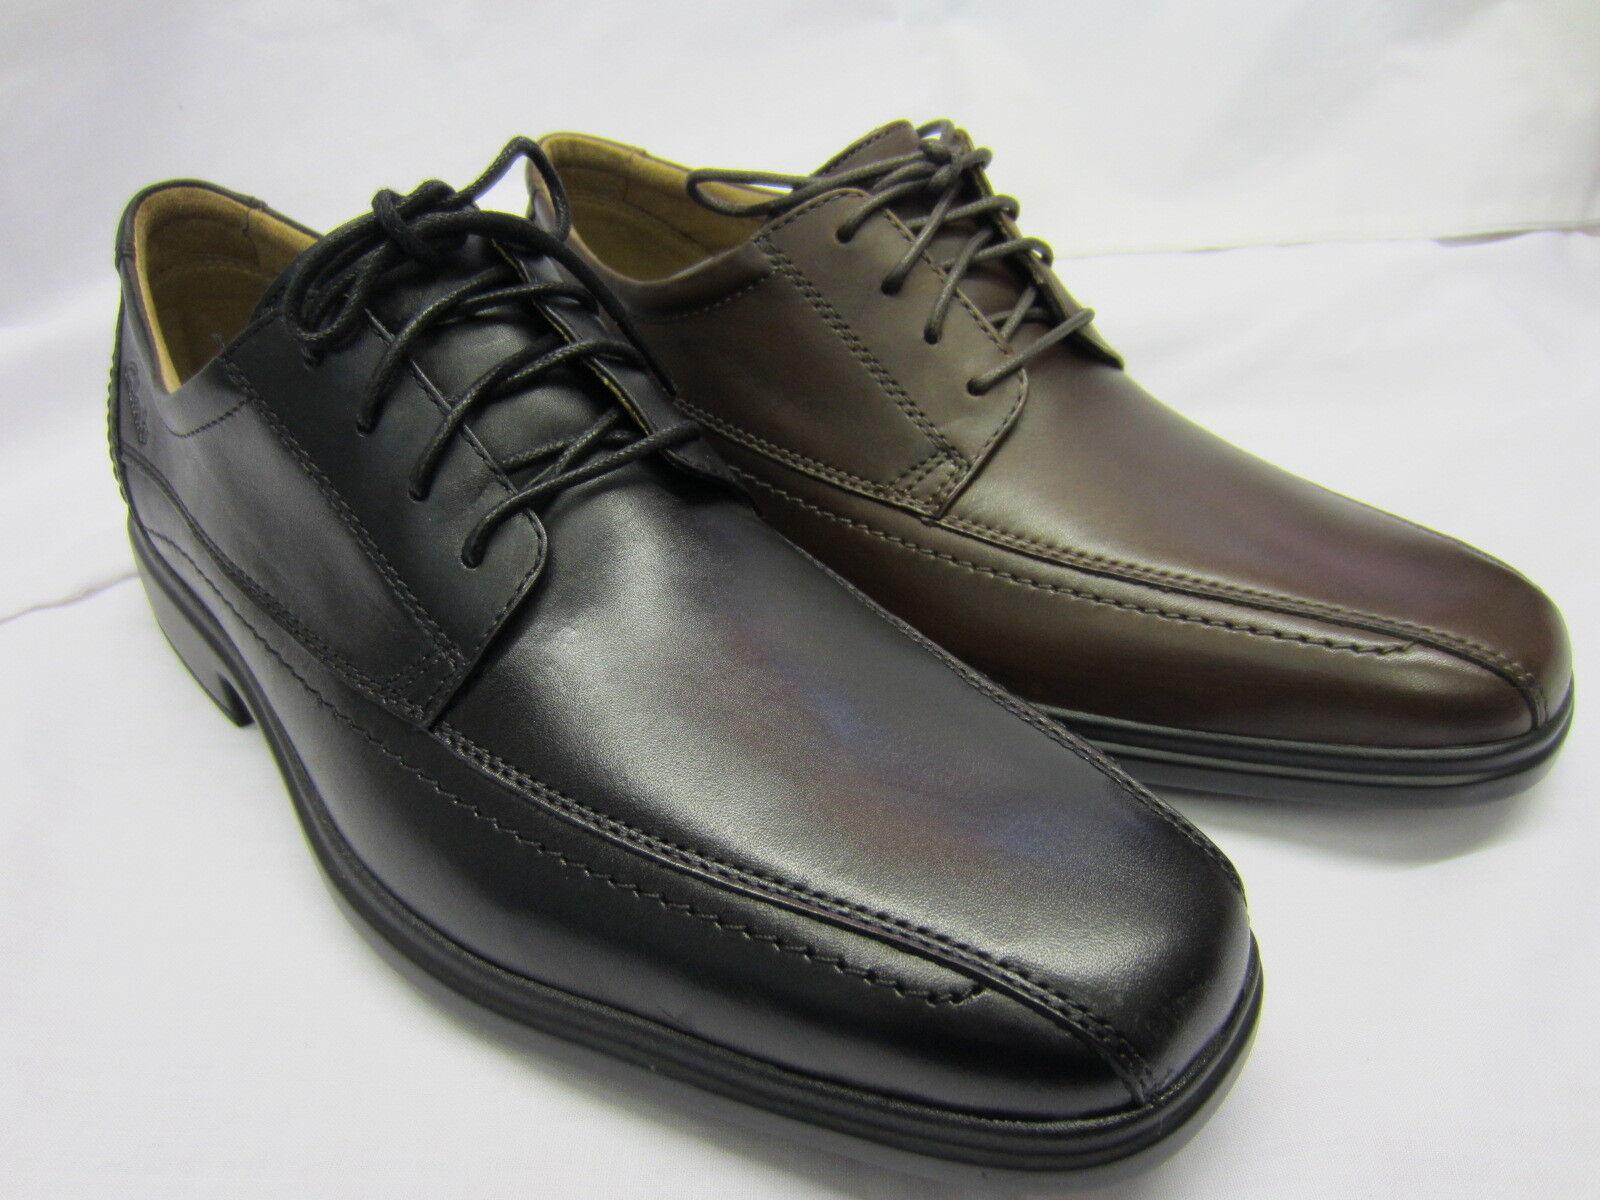 chaussure clarks la defense,semelles chaussures clarks